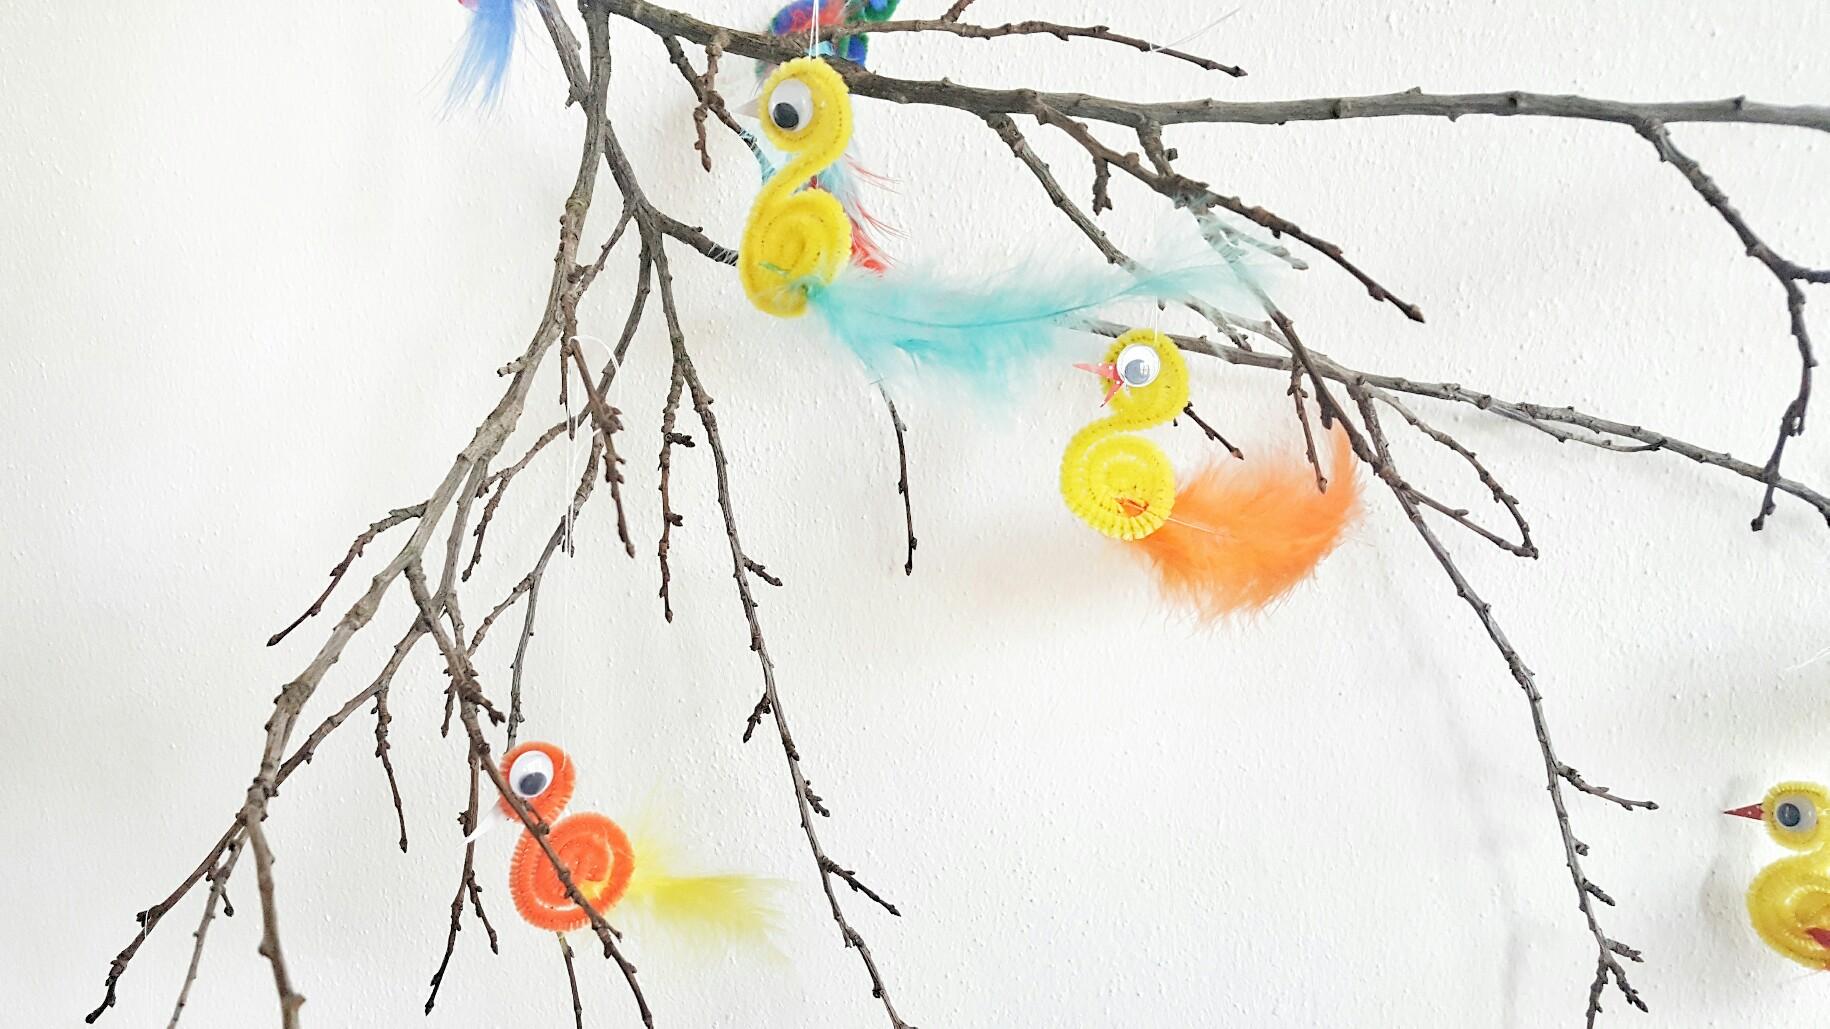 Strauch mit Vögeln dekoriert